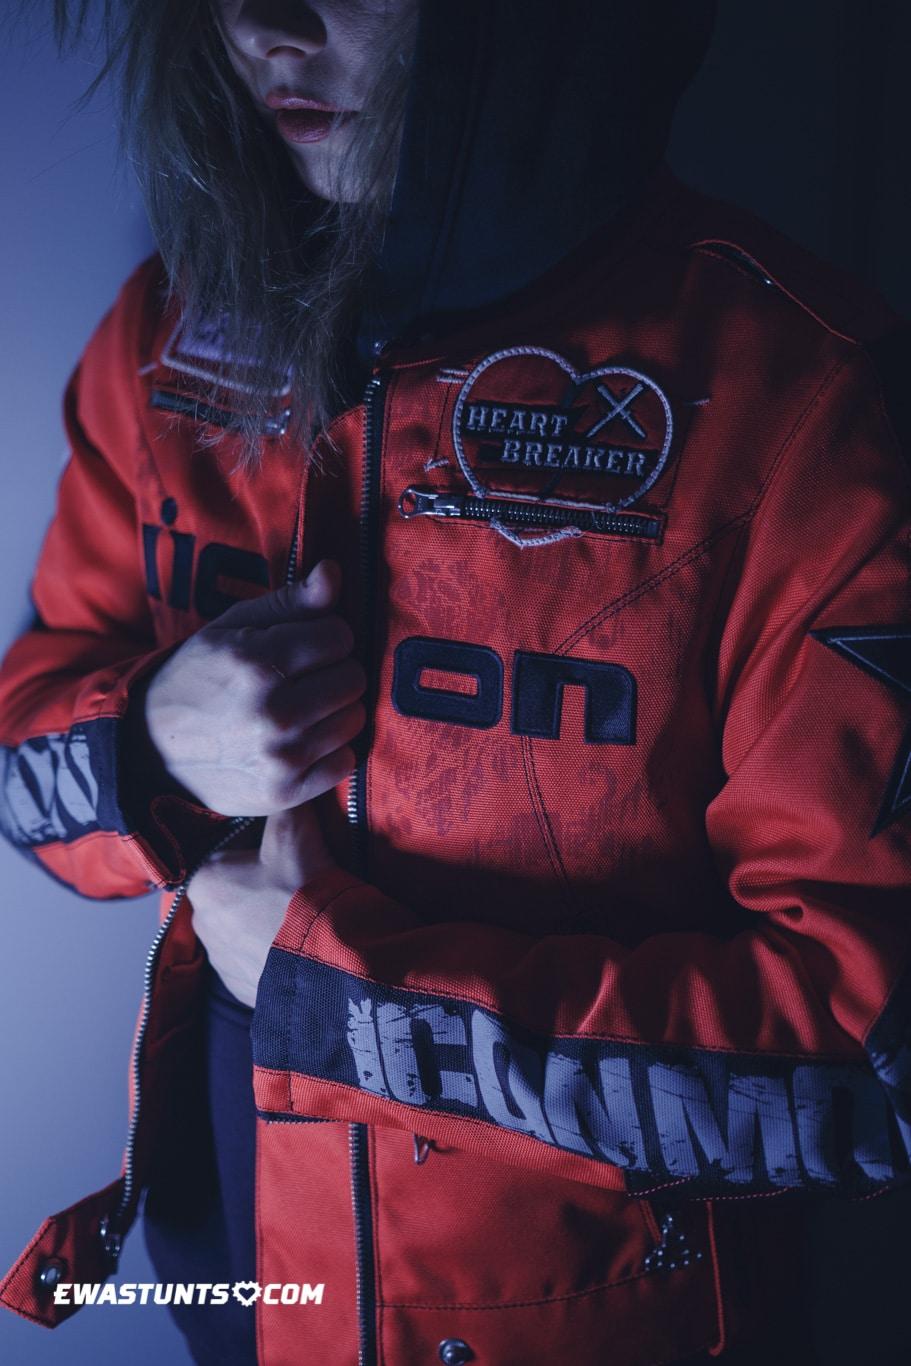 ewastunts_icon_jacket-23